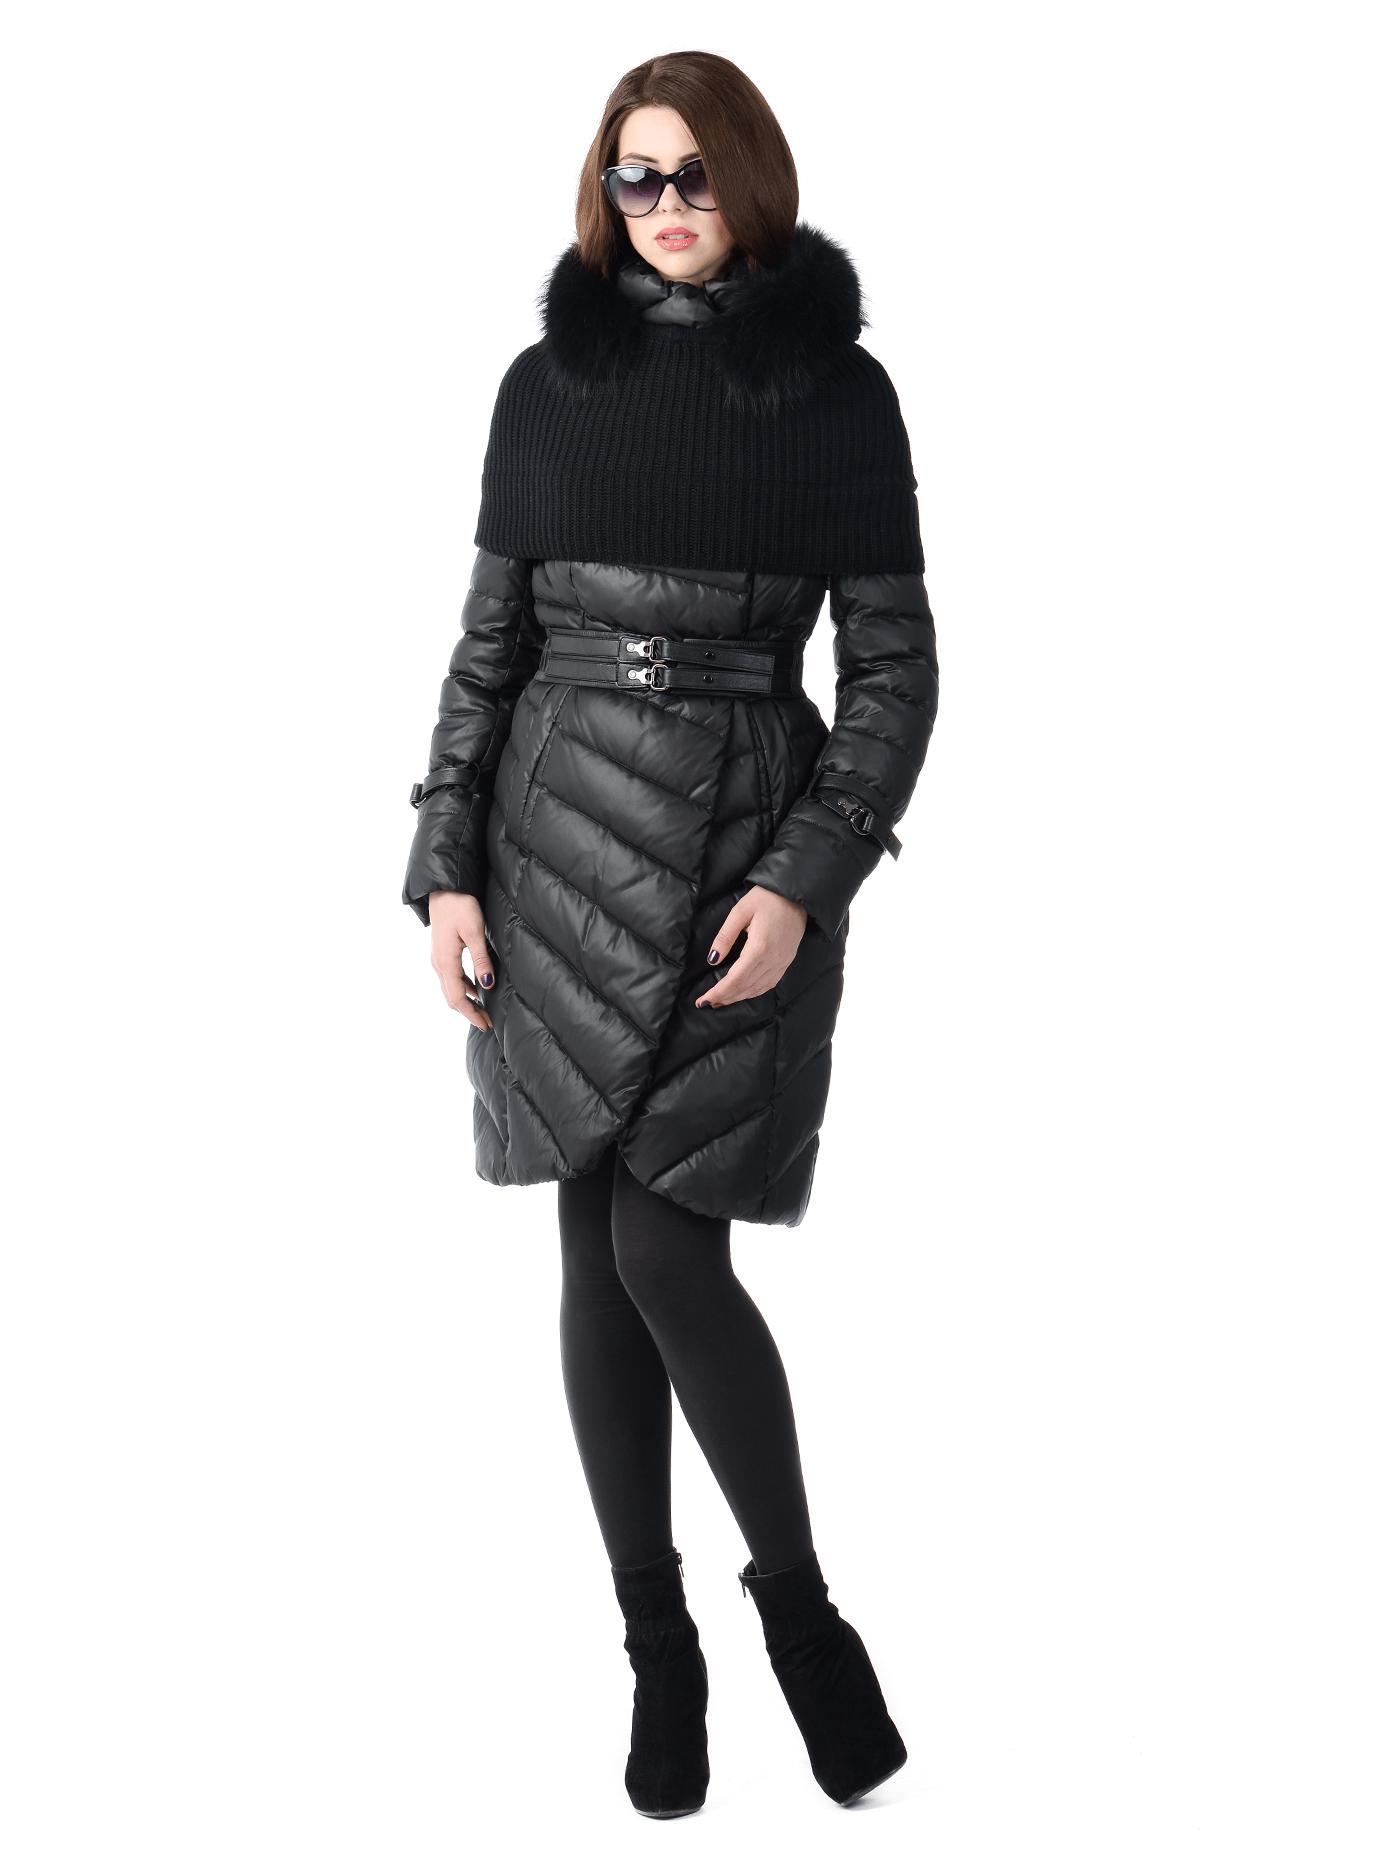 Куртка женская зимняя с мехом енота Чёрный S (02-CD18076): фото - Alster.ua